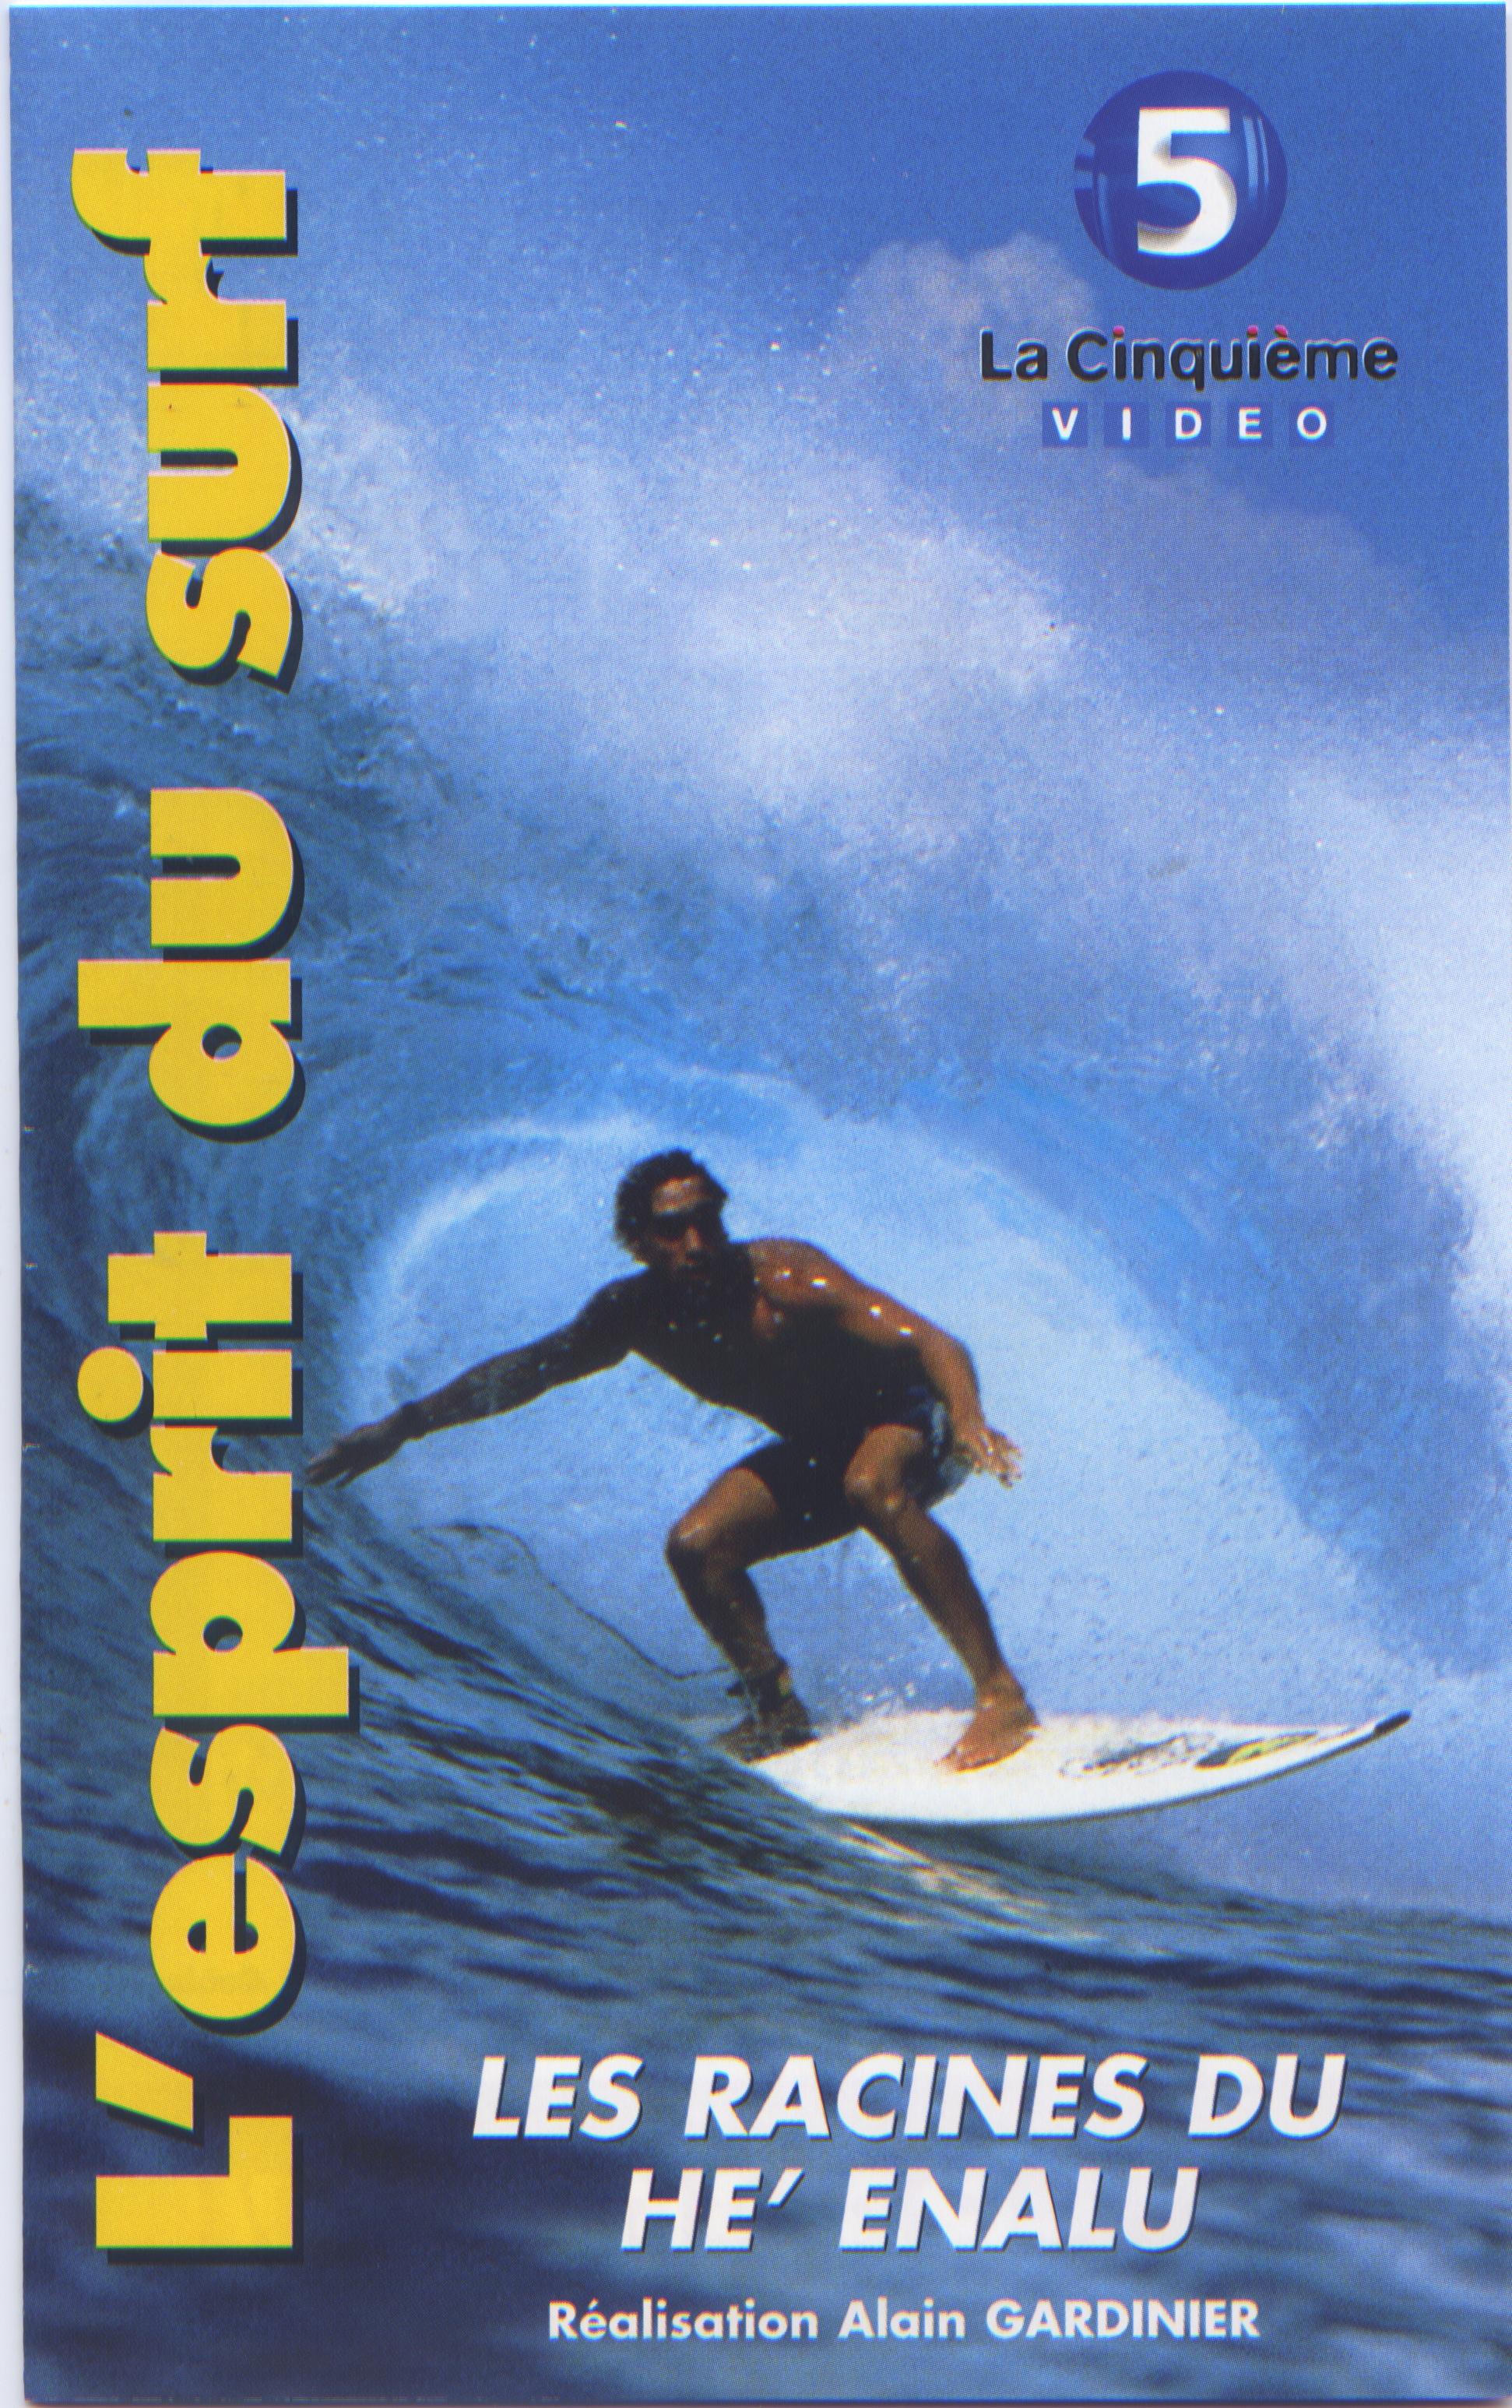 L'esprit du surf.jpeg